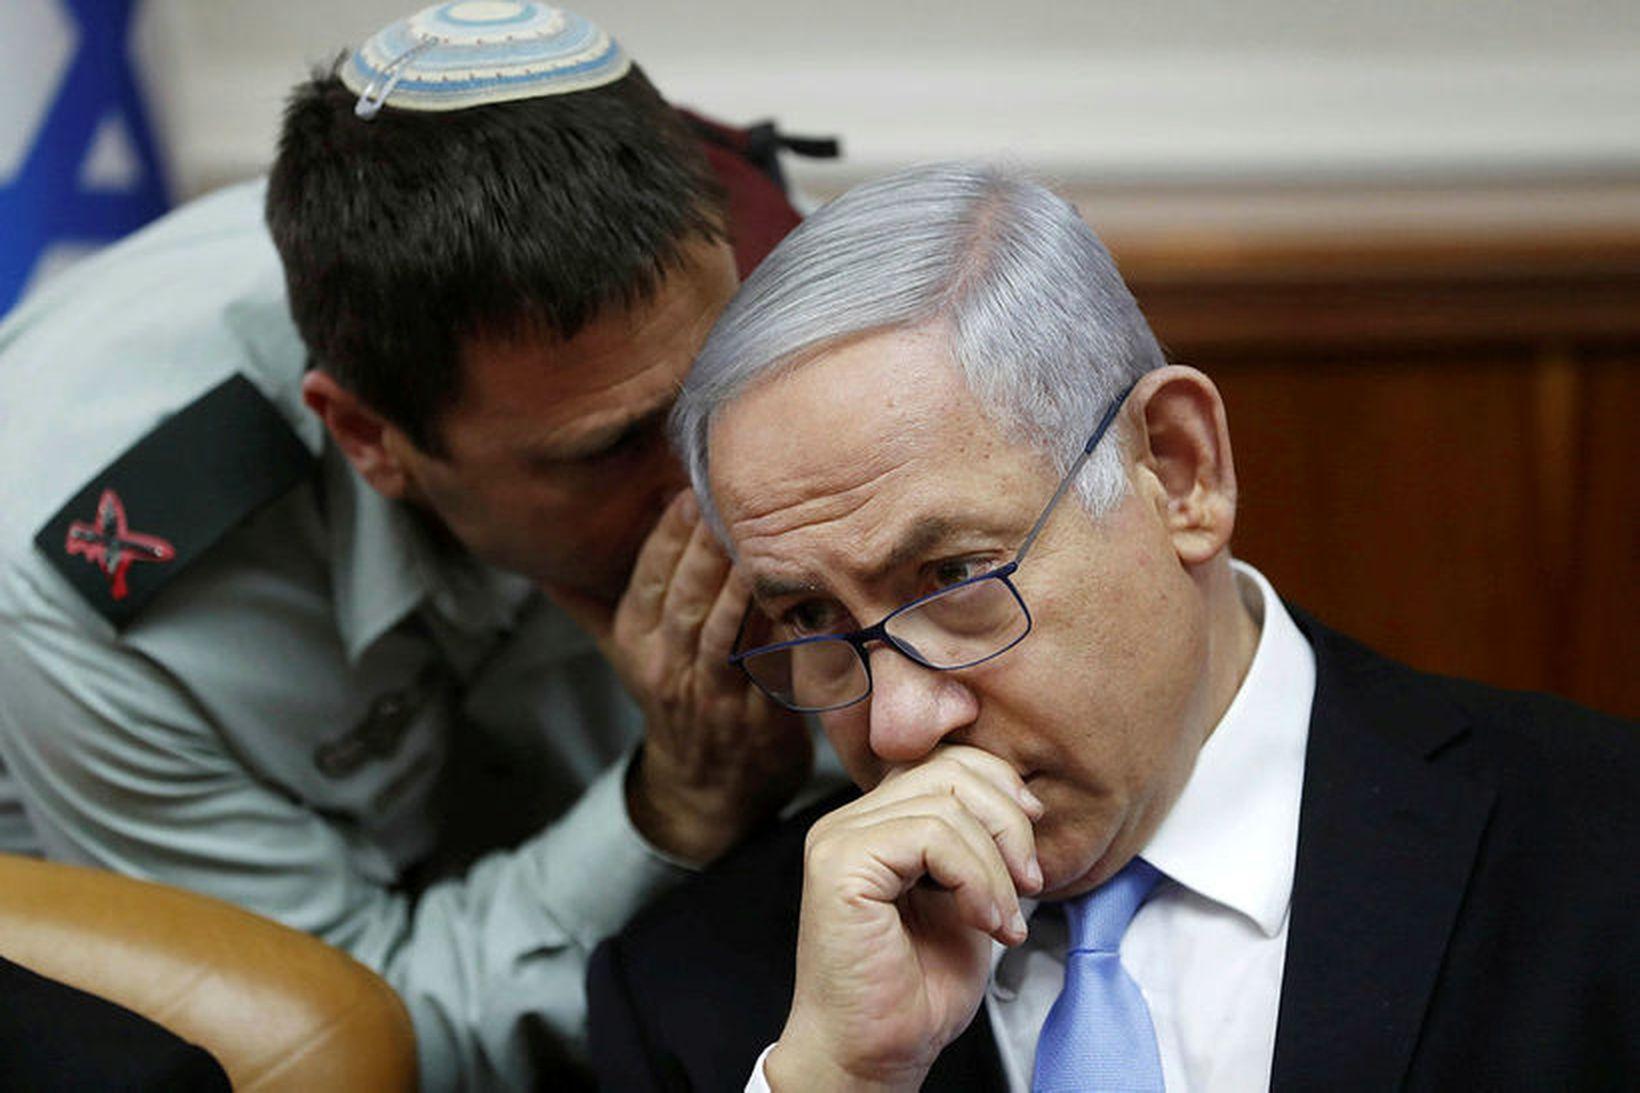 Benjamin Netanyahu, forsætisráðherra Ísraels.